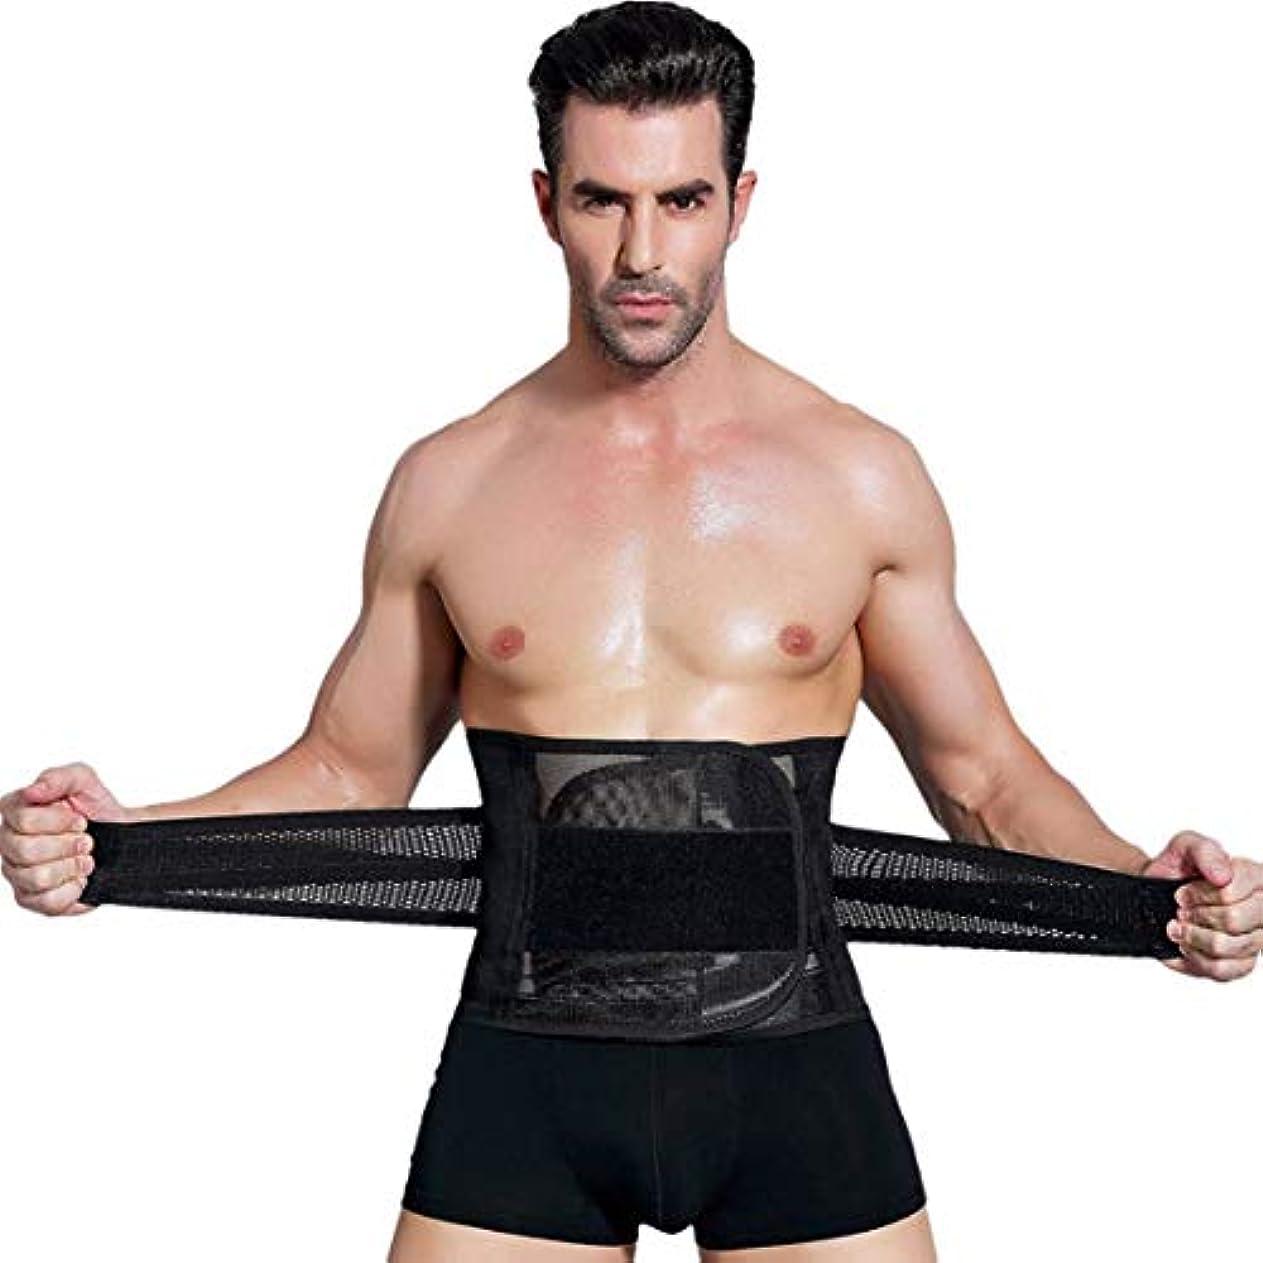 素晴らしい良い多くの上に築きます勤勉男性ボディシェイパーコルセット腹部おなかコントロールウエストトレーナーニッパー脂肪燃焼ガードル痩身腹ベルト用男性 - ブラックXXL